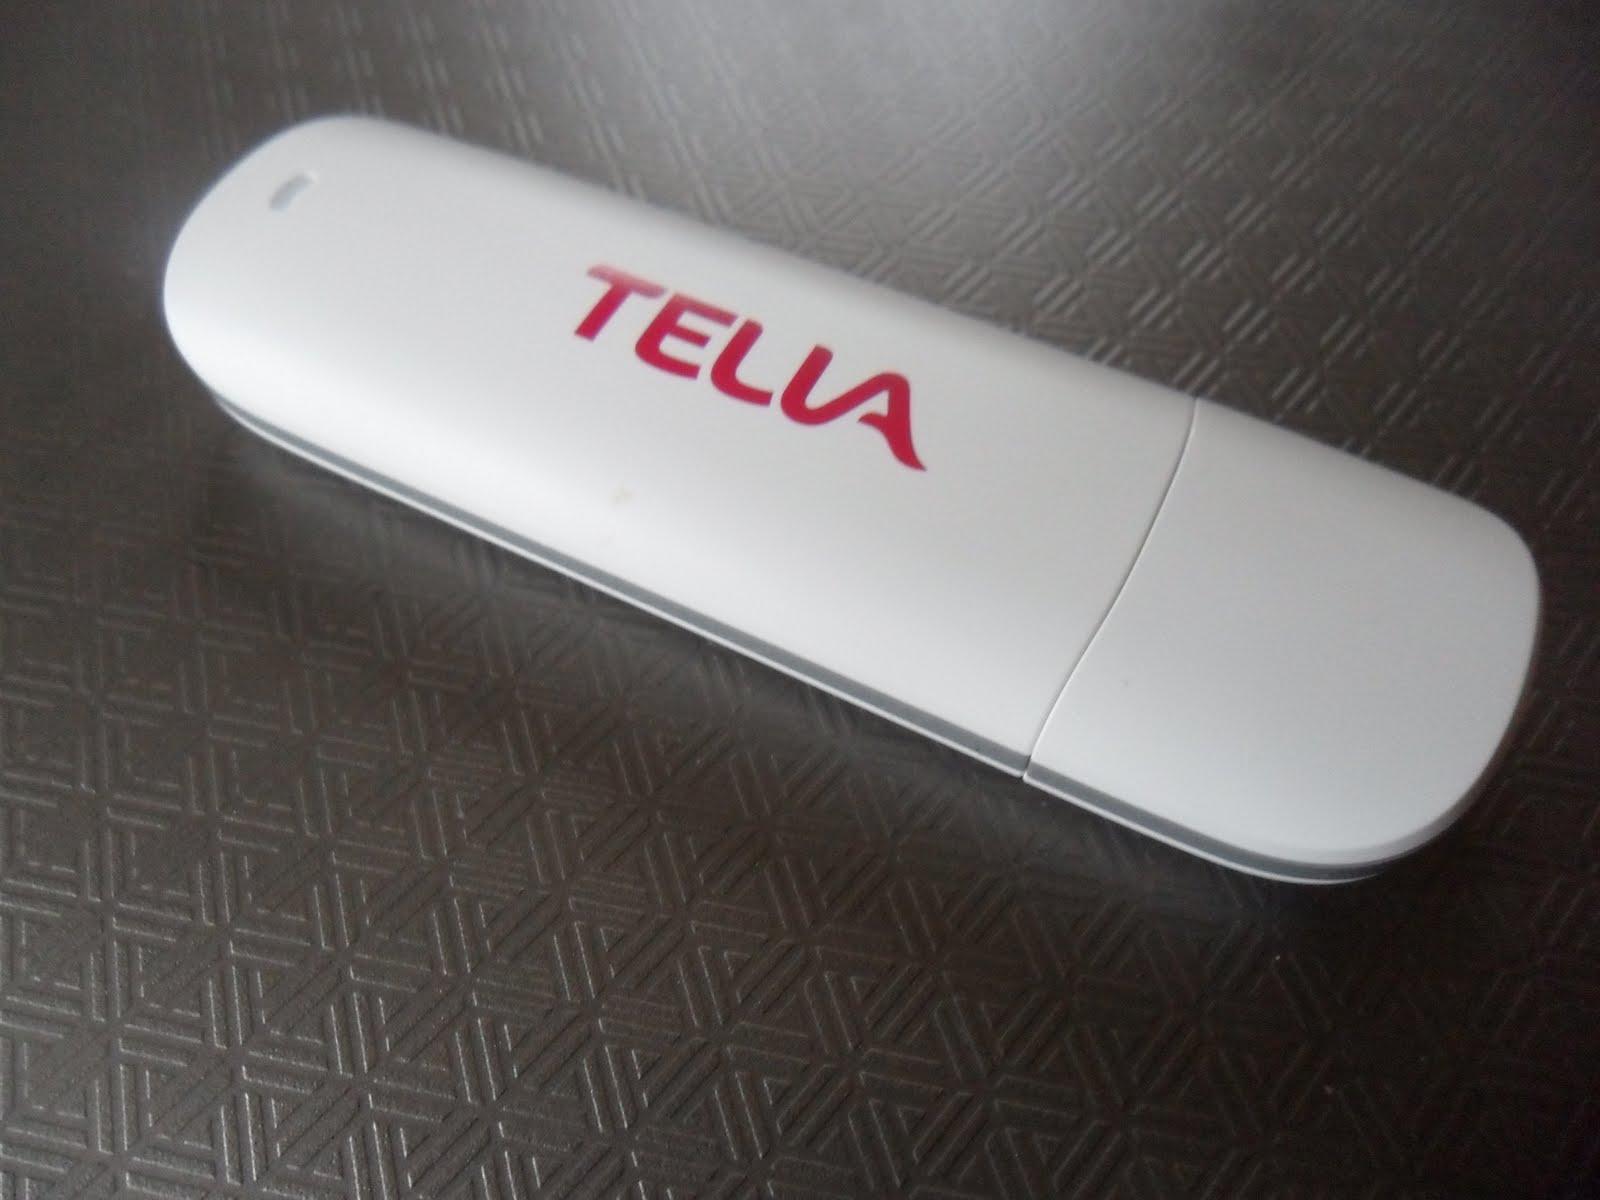 fylla på telia mobilt bredband